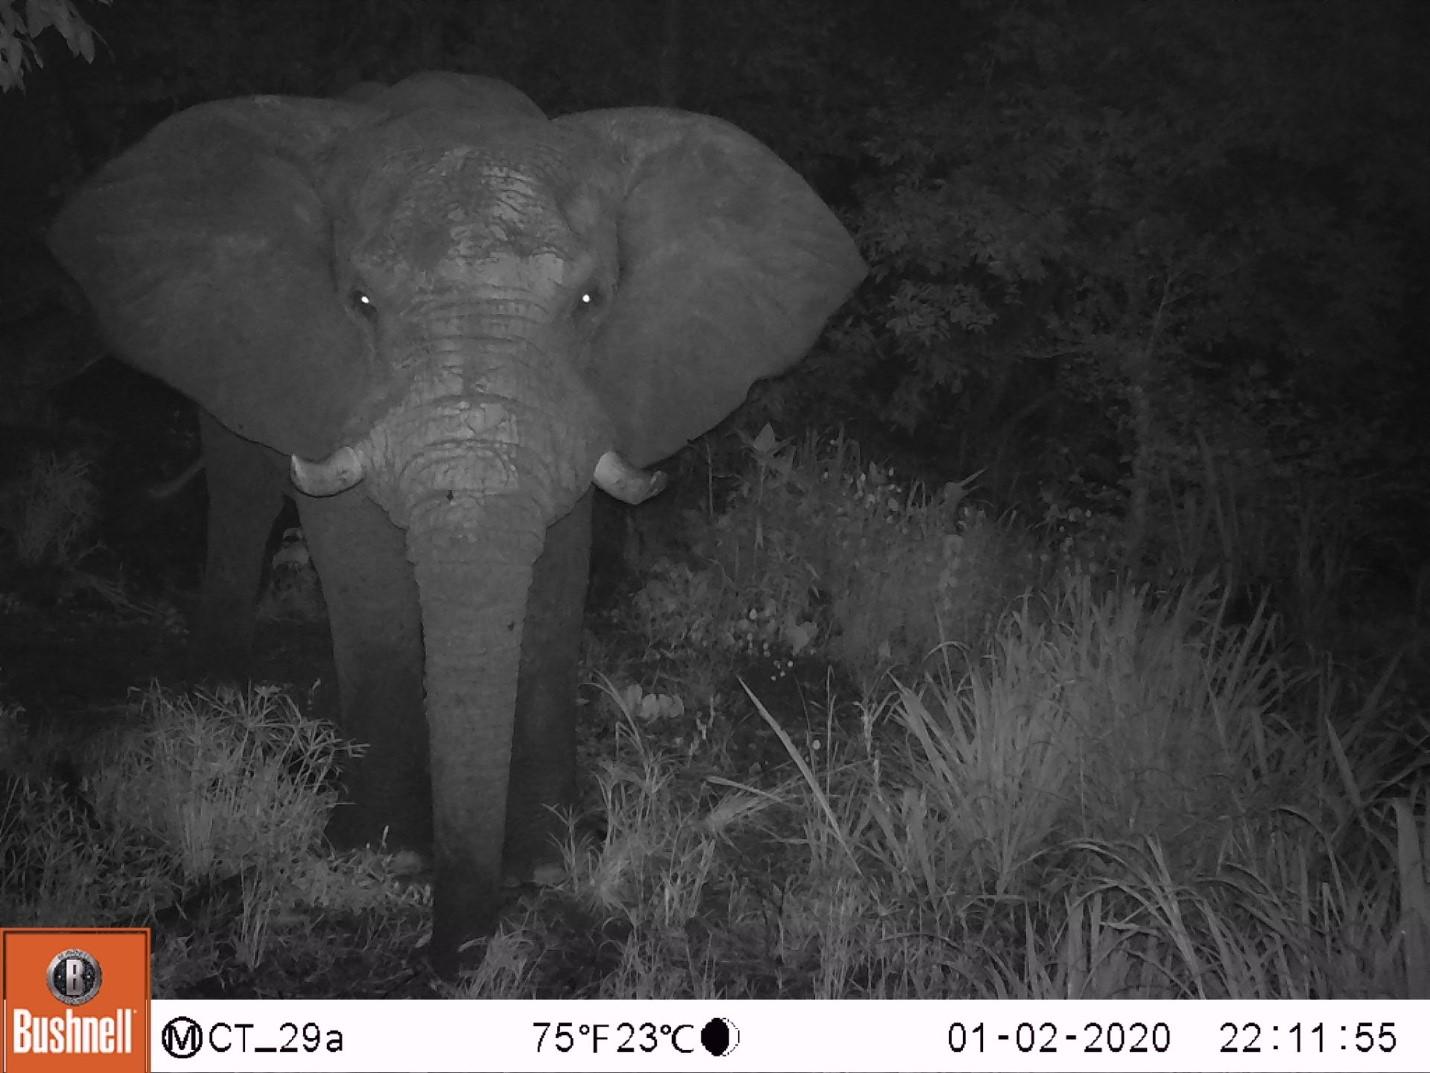 Hastings, unser wunderschöner Elefantenbulle. (Benannt nach dem ersten malawischen Präsident nach der Unabhängigkeit, Hastings Kamuzu Banda) (c) Wildlife Action Group